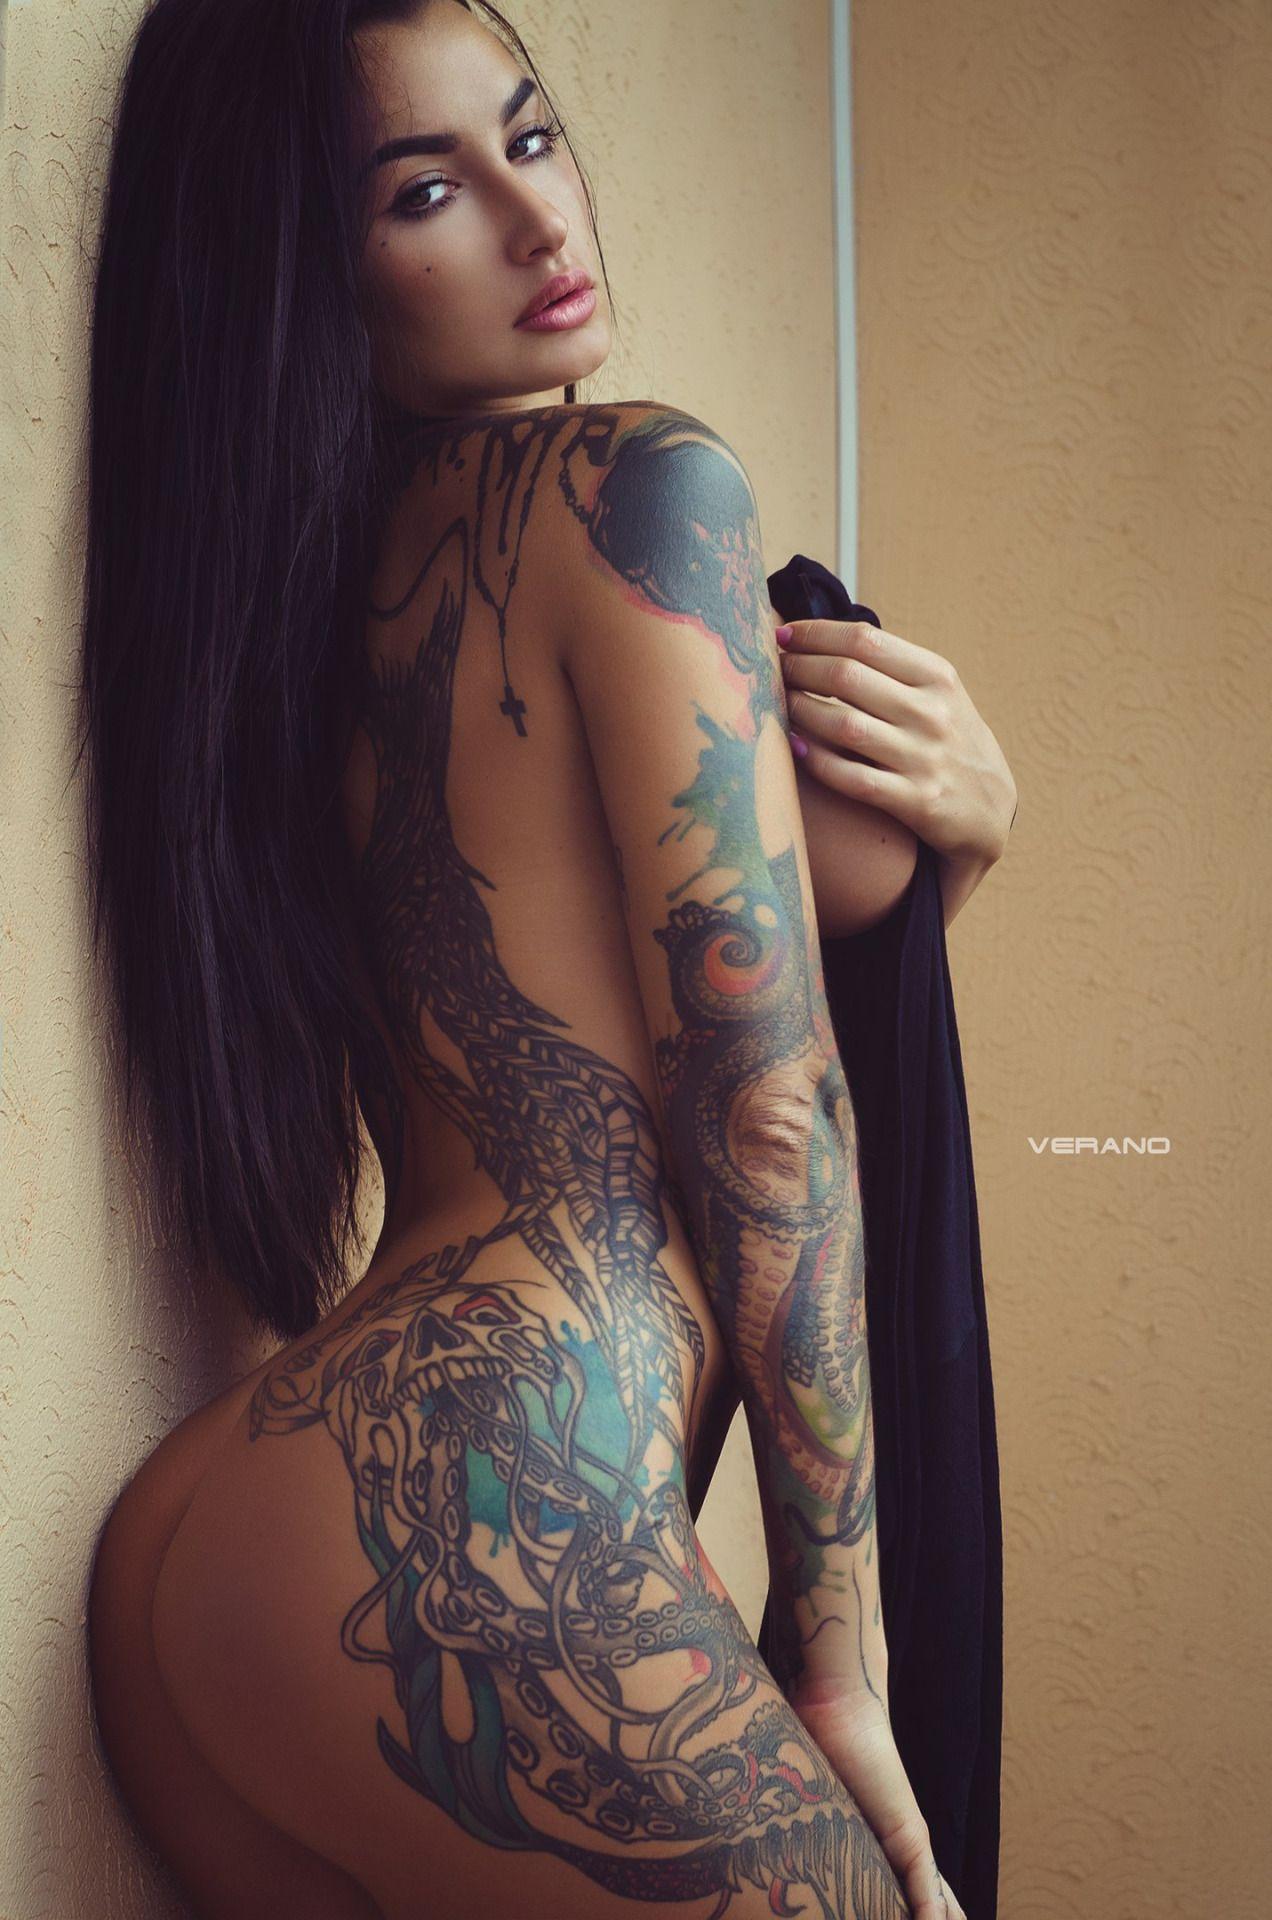 hot women nude tattooed